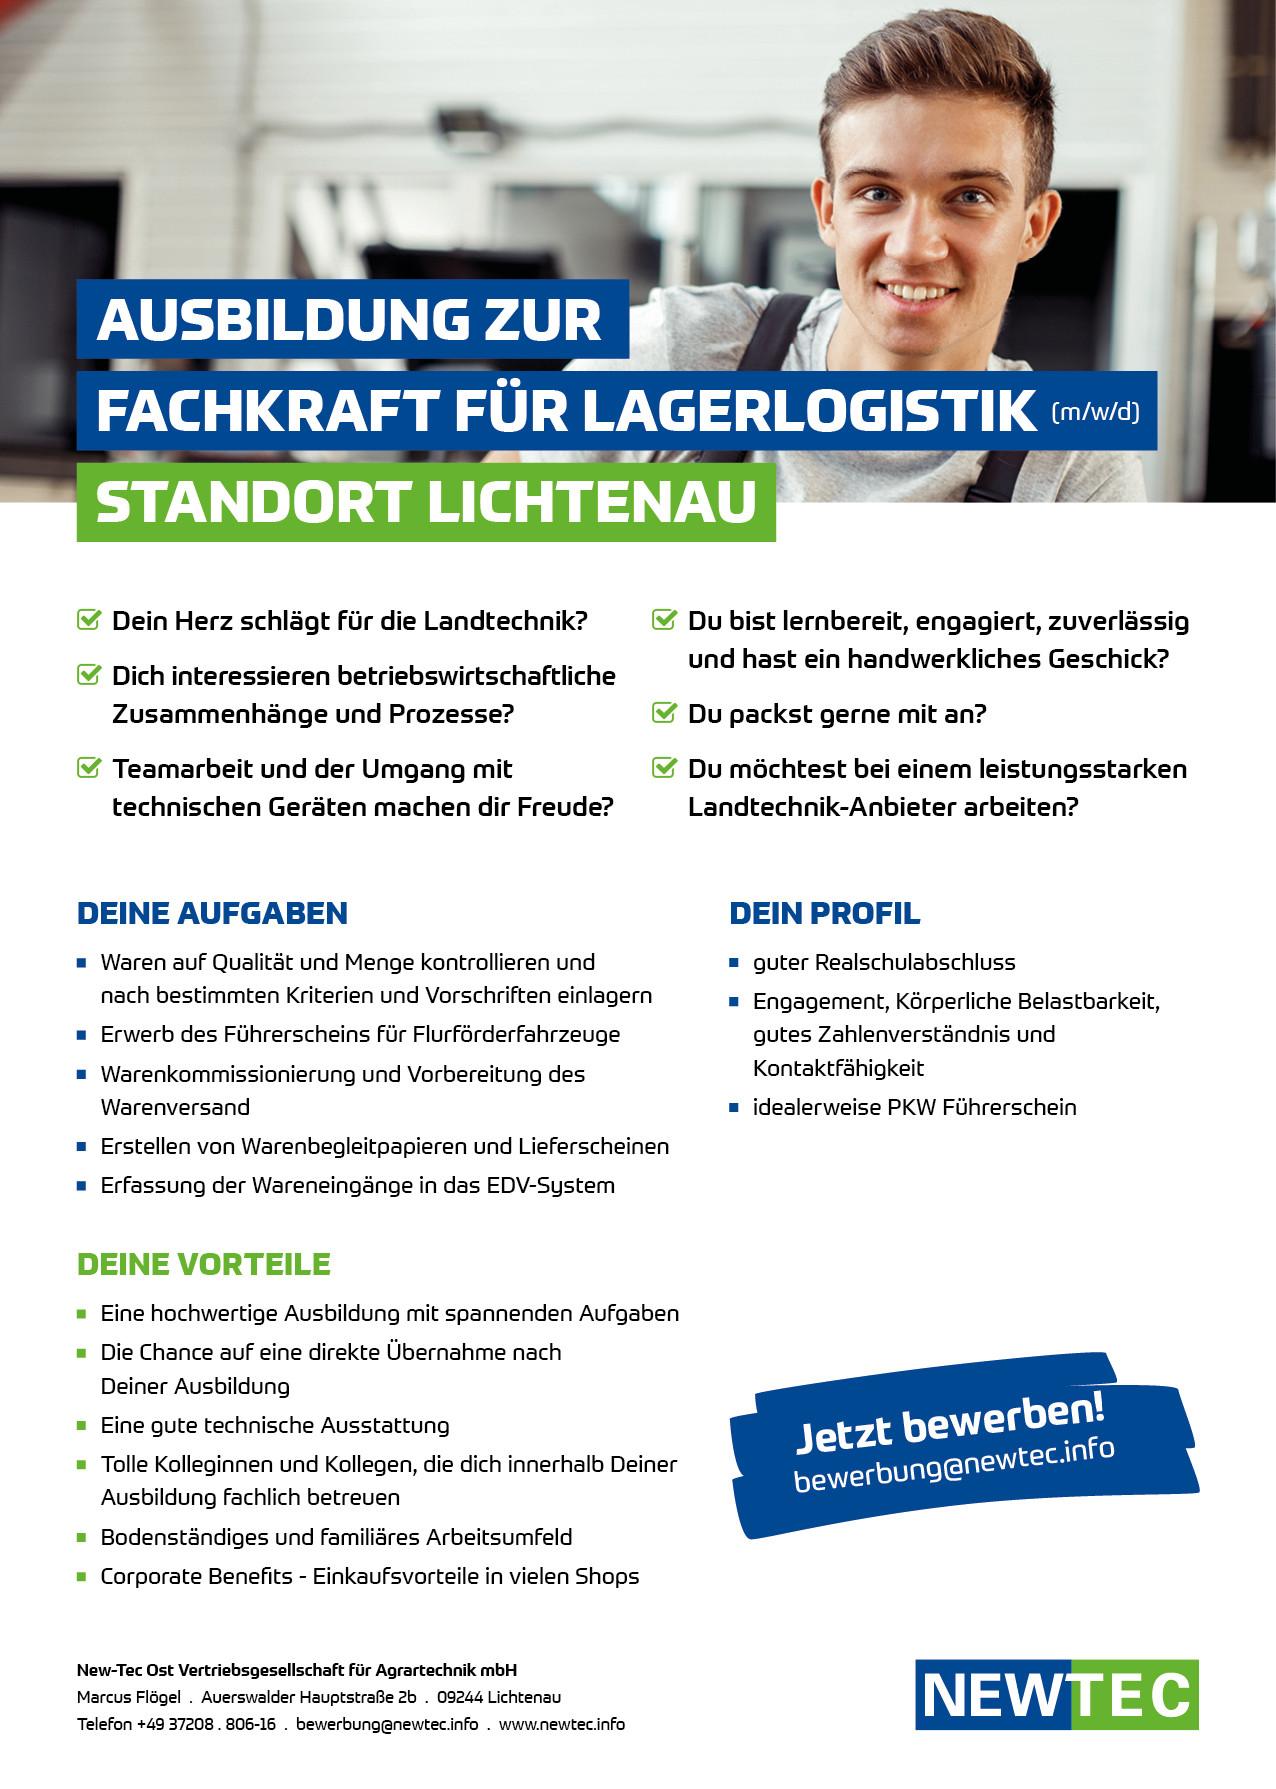 NEWTEC_Stellenanzeige_Ausbildung_Fachkraft_fuer_Lagerlogistik_Lichtenau